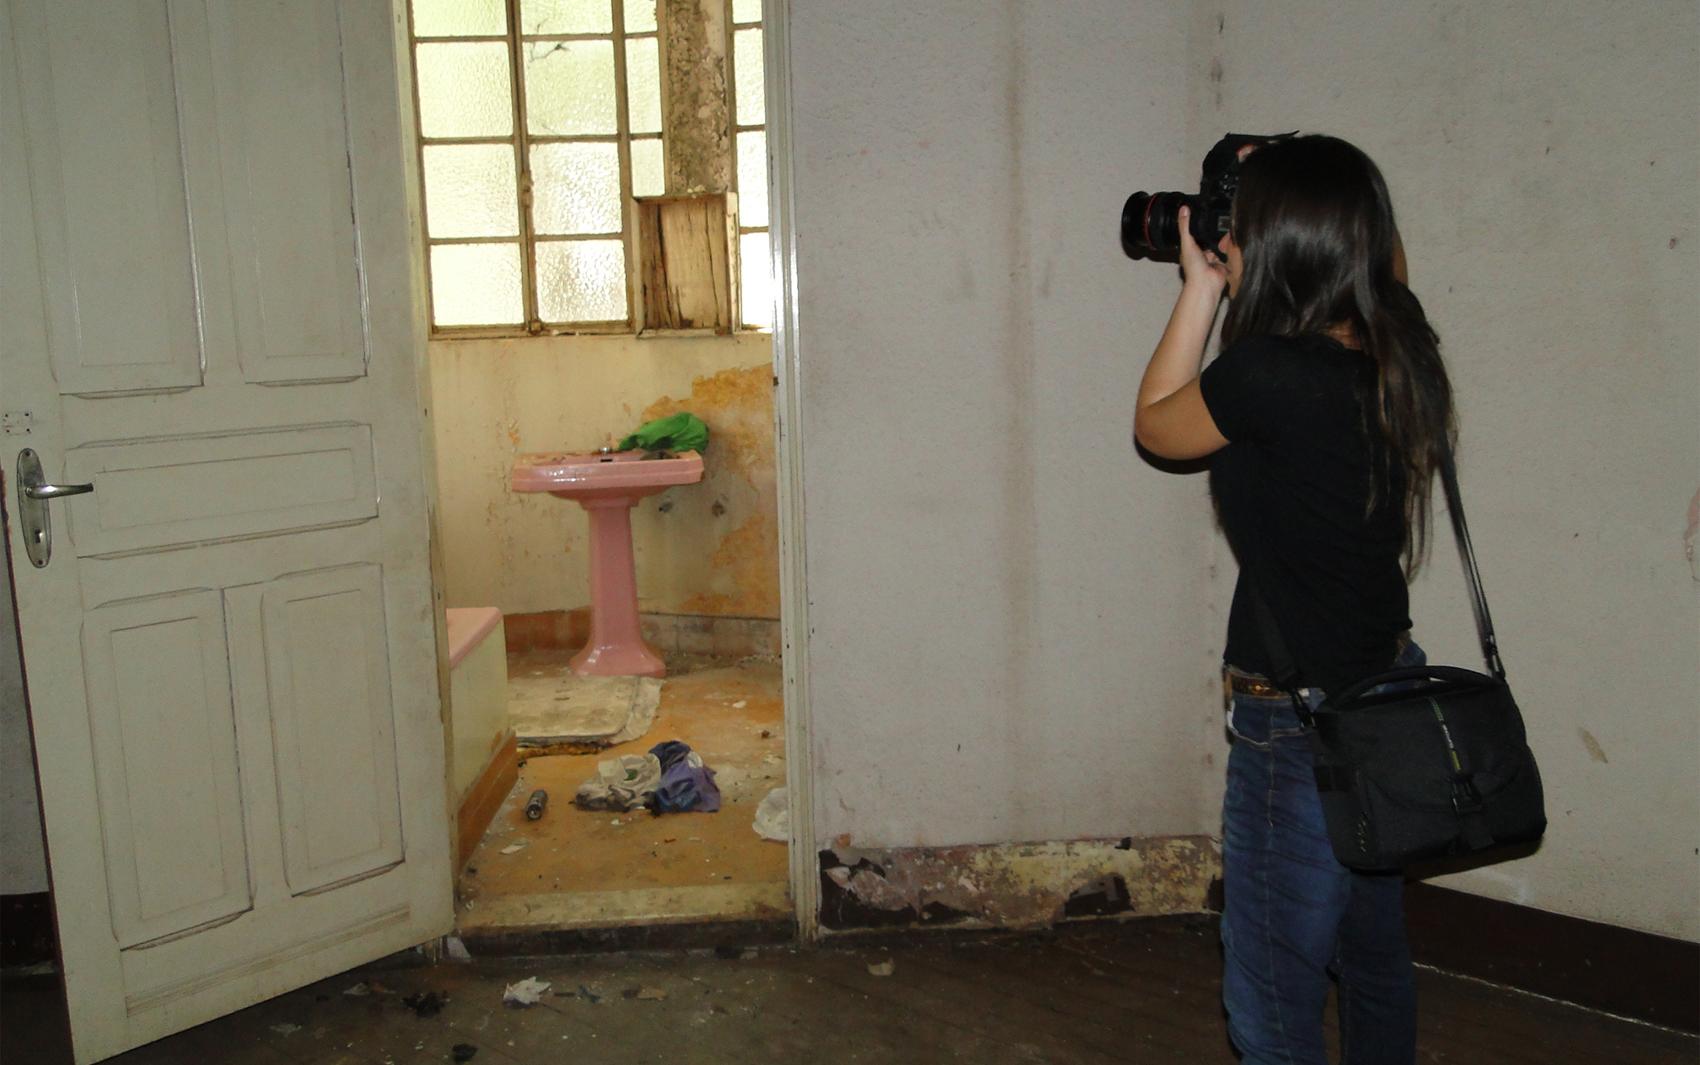 Banheiro antigo acumula roupas e sujeira em casarão abandonado de  #9E9E2D 1700x1065 Banheiro Antigo